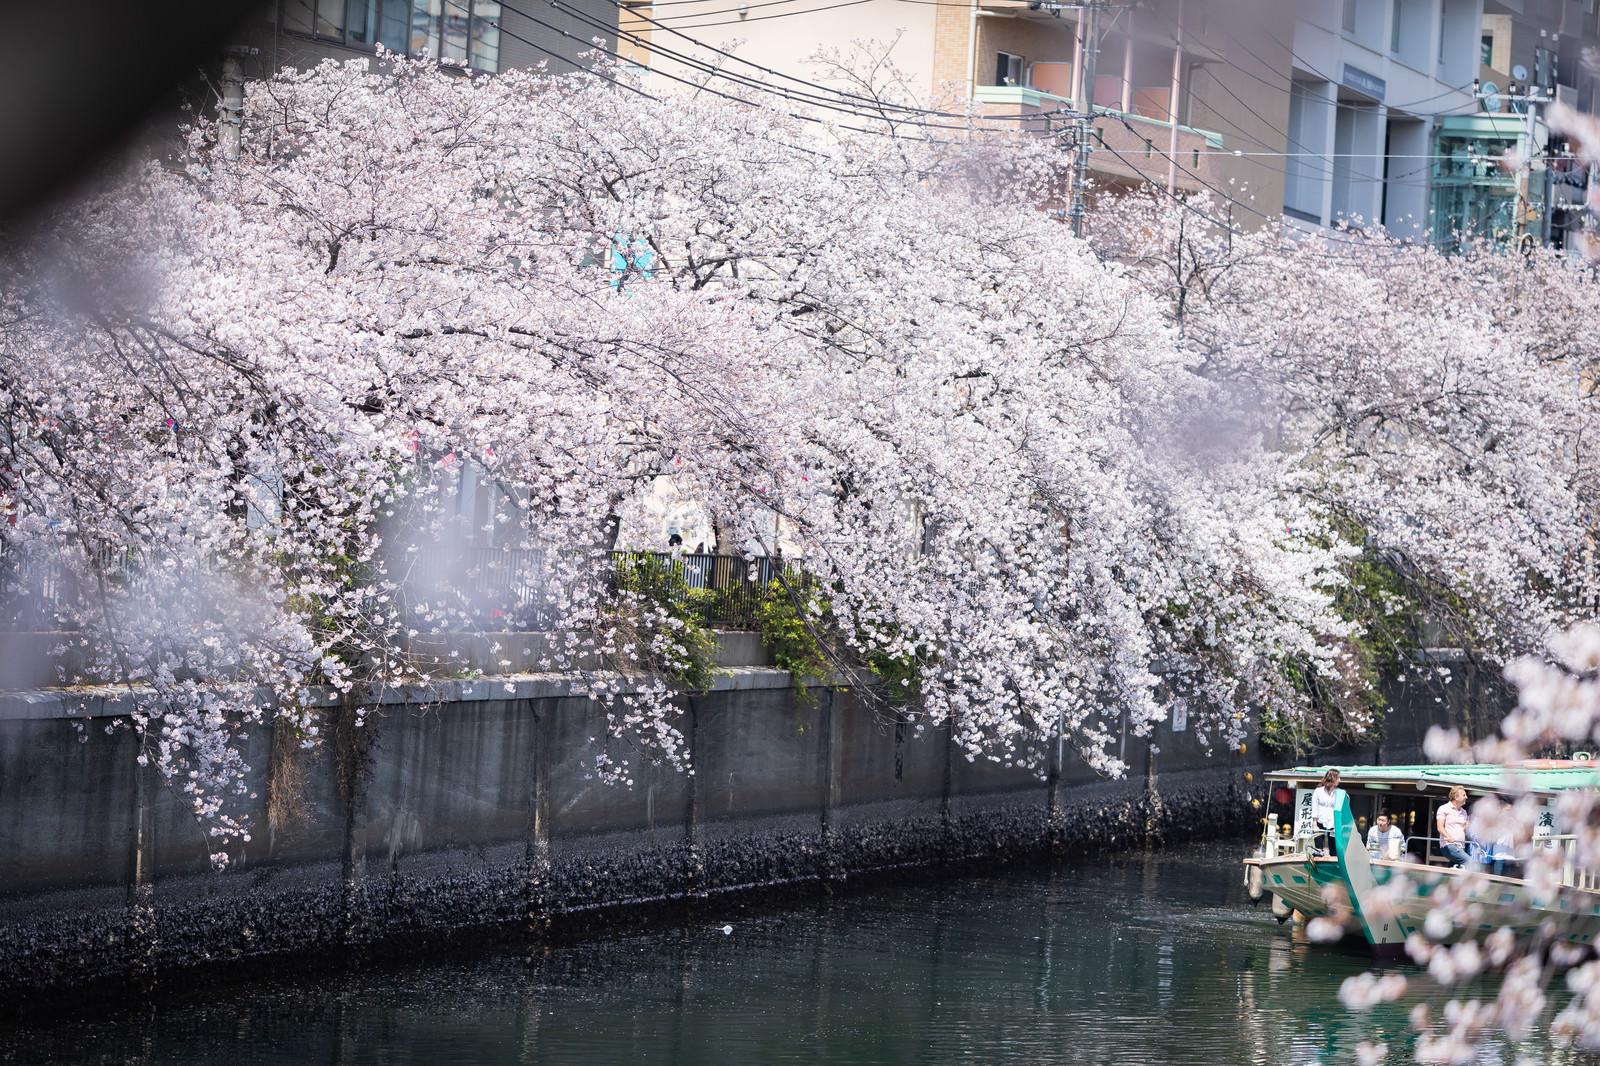 「大岡川沿いの満開の桜と花見クルーズ中の屋形船(神奈川県)」の写真